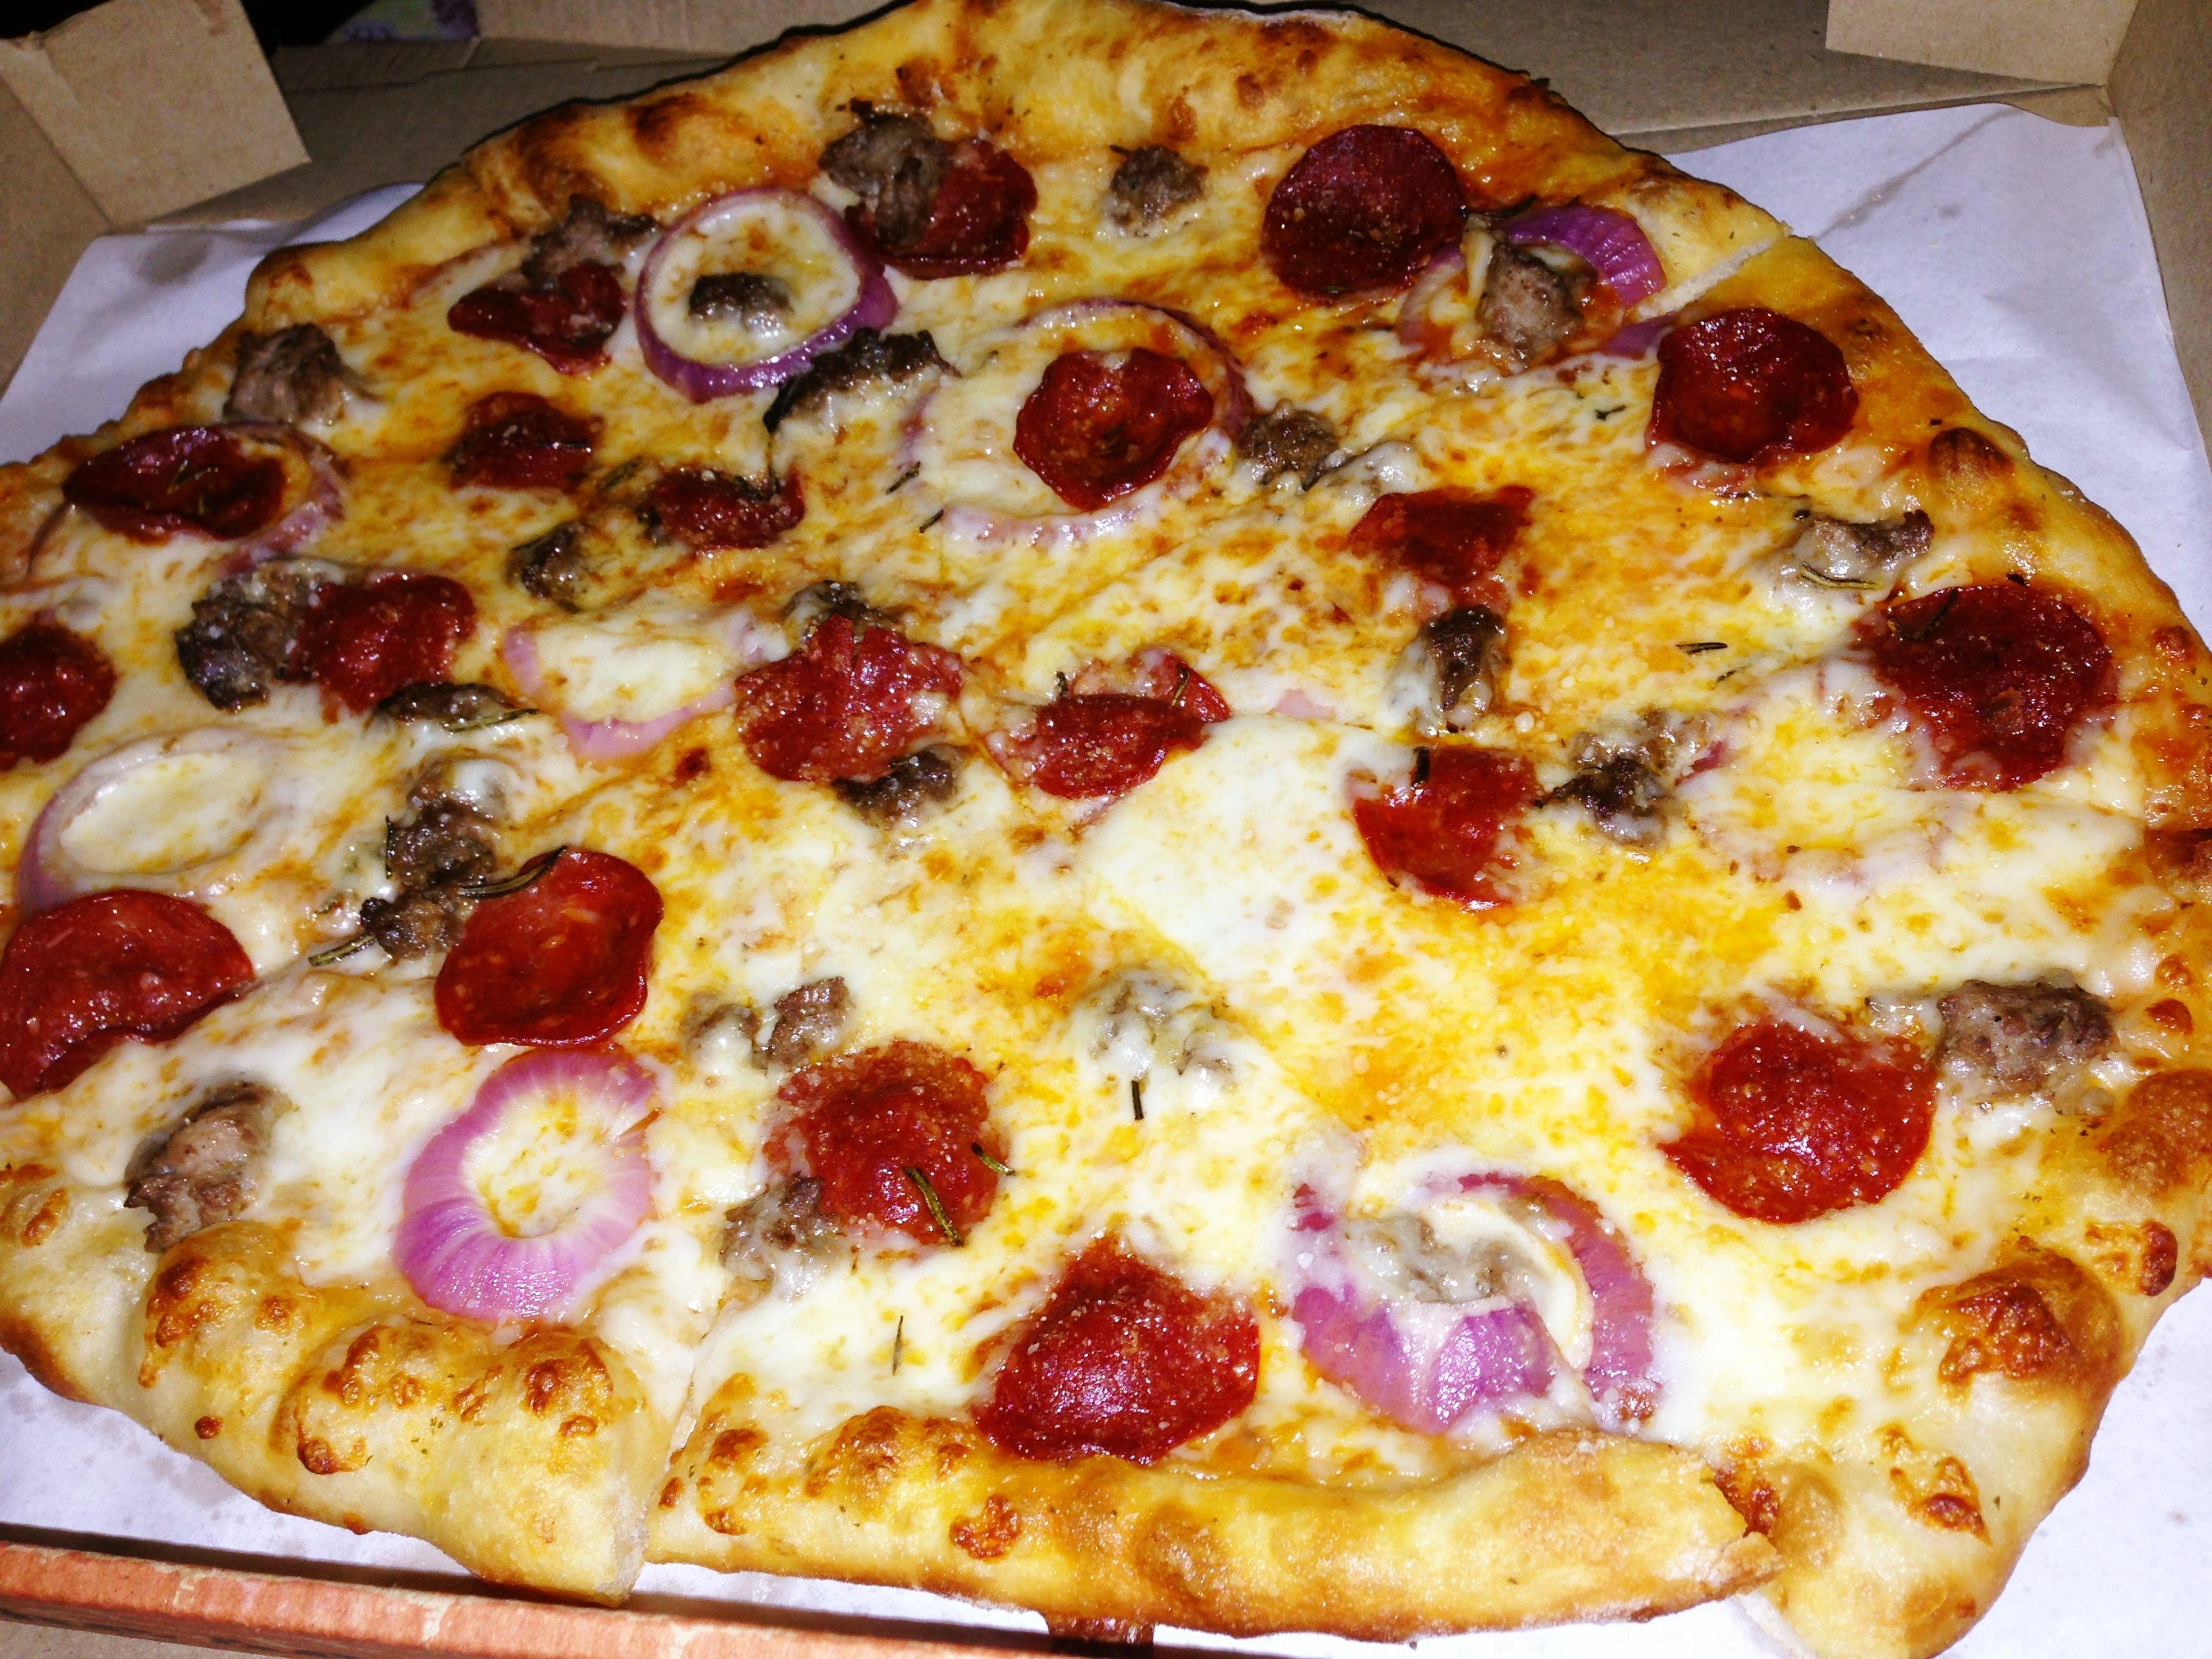 Shakey's pizza 1954